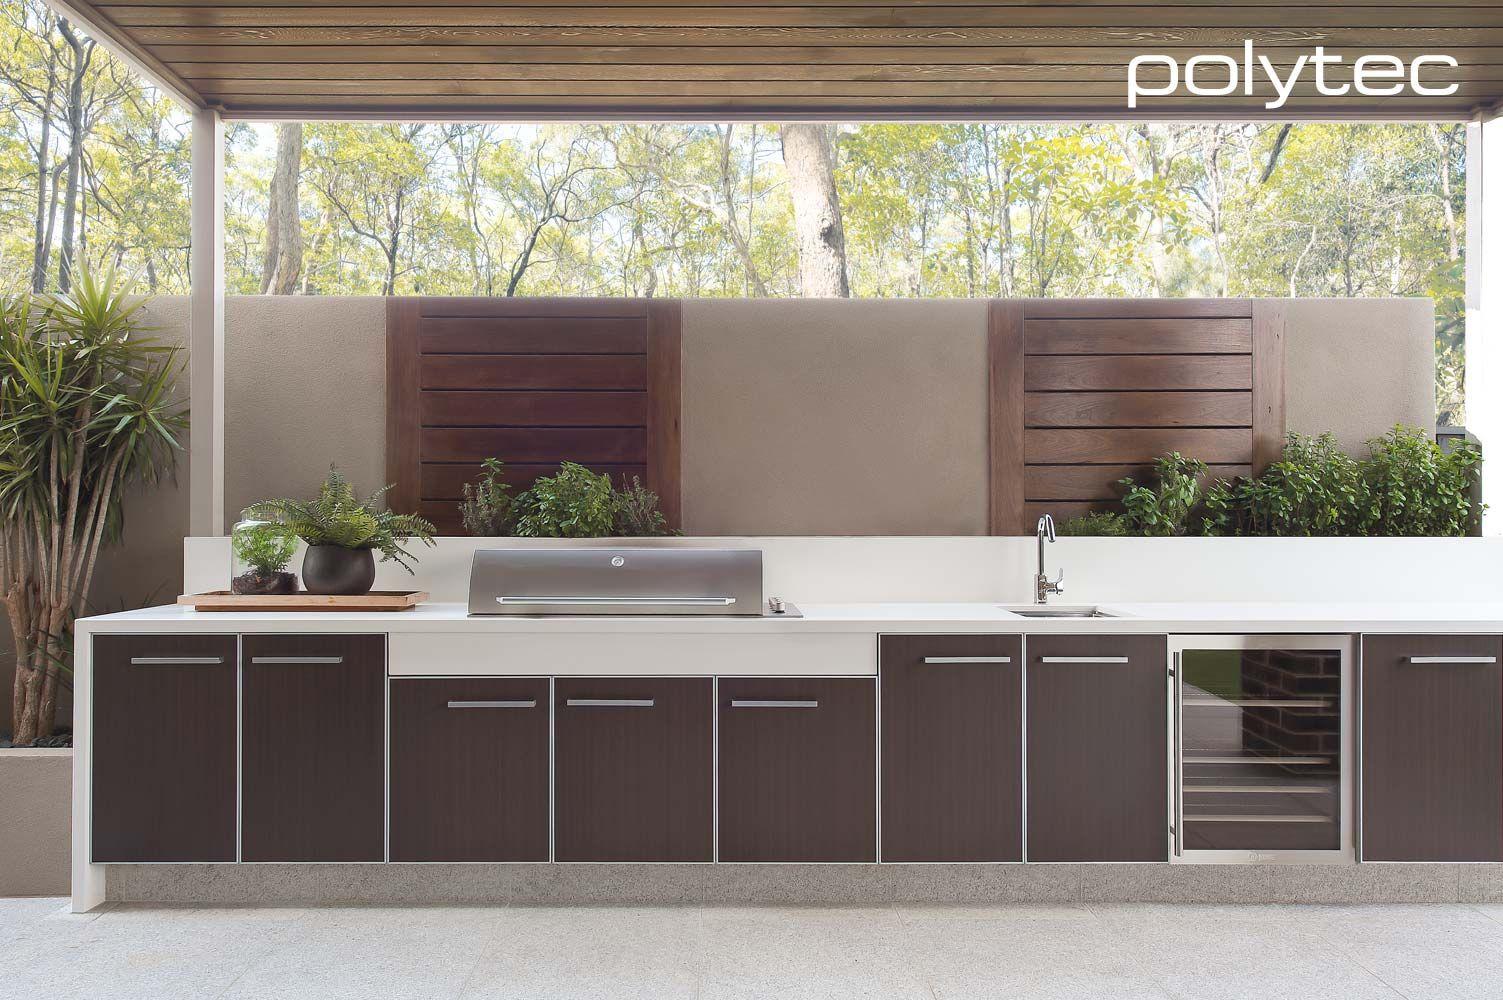 Polytec Outdoor Kitchen Design Outdoor Bbq Kitchen Outdoor Kitchen